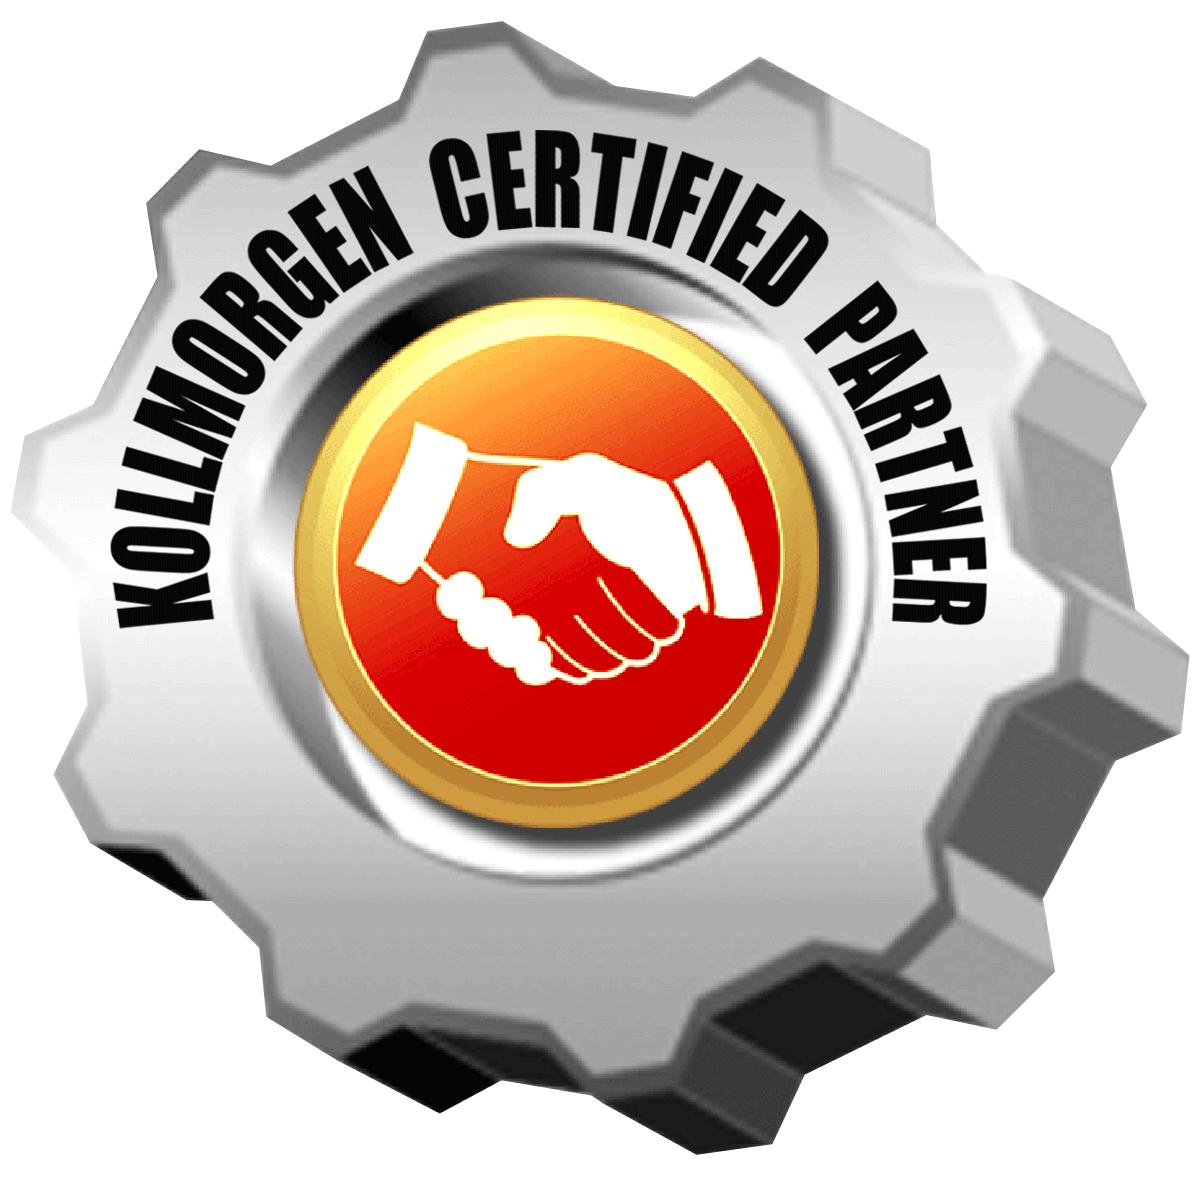 Kollmorgen Certified Partner 3.14.16.fw